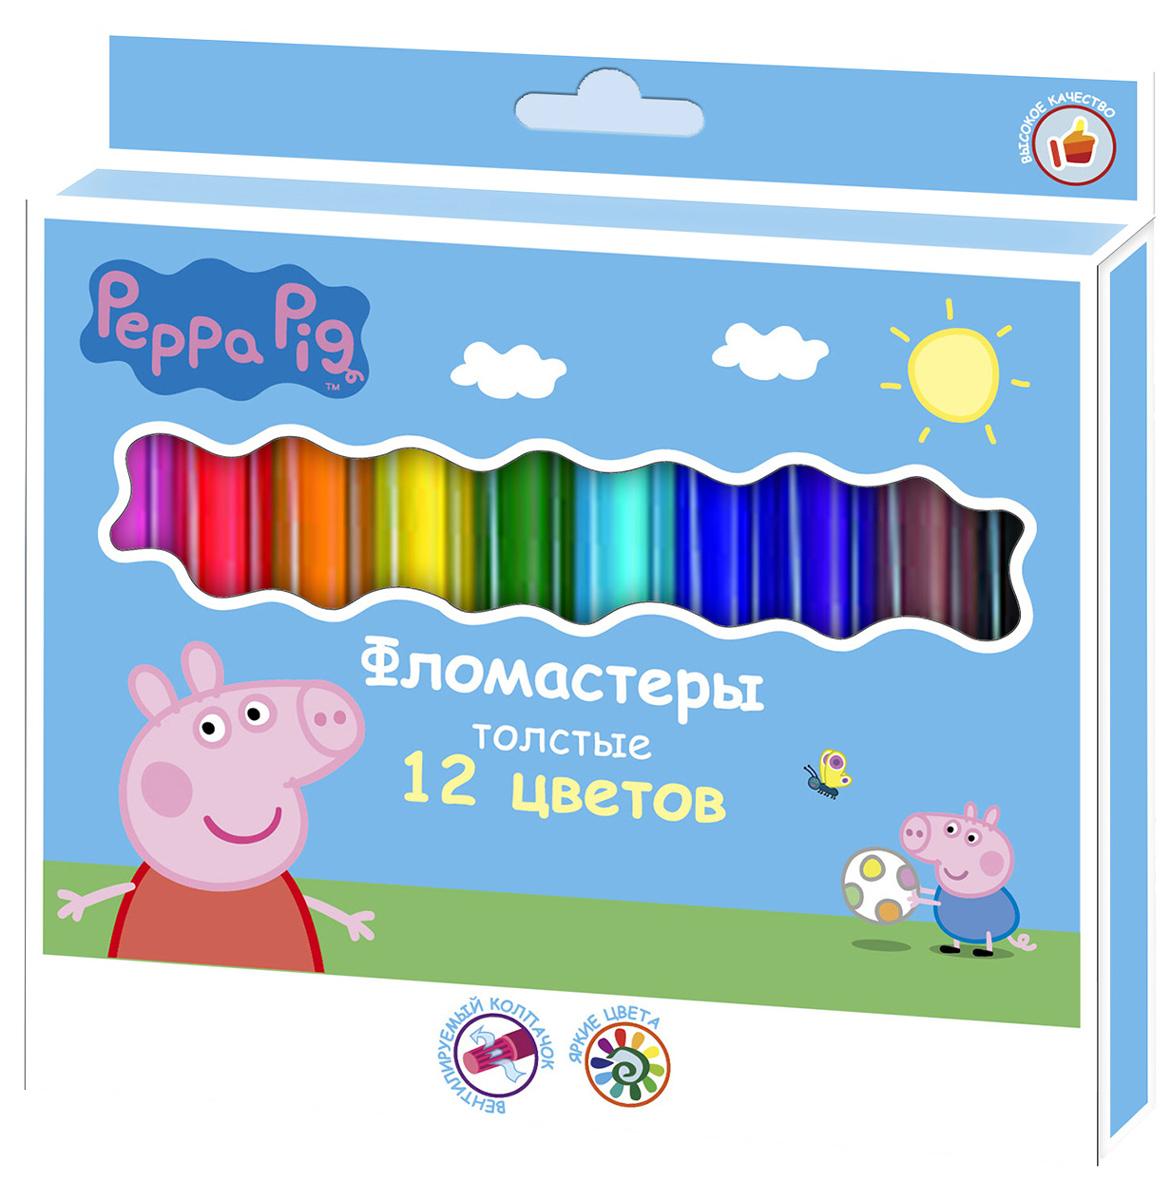 Peppa Pig Набор фломастеров Свинка Пеппа толстые 12 цветов32054Фломастеры ТМ Свинка Пеппа предназначены для самых юных художников, которые только учатся их держать в еще непослушных ручках: утолщенная форма корпуса создана специально для маленьких детских пальчиков. Фломастеры, идеально подходящие для раскрашивания и рисования, помогут вашему ребенку создать яркие картинки, а упаковка с любимыми героями будет долгое время радовать малыша. В набор входит 12 разноцветных толстых фломастеров с вентилируемыми колпачками, безопасными для детей. Диаметр корпуса: 1,5 см; длина: 14,5 см.Фломастеры изготовлены из материала, обеспечивающего прочность корпуса и препятствующего испарению чернил, благодаря этому они имеют гарантированно долгий срок службы: корпус не ломается, даже если согнуть фломастер пополам. Состав: ПВХ, пластик, чернила на водной основе.